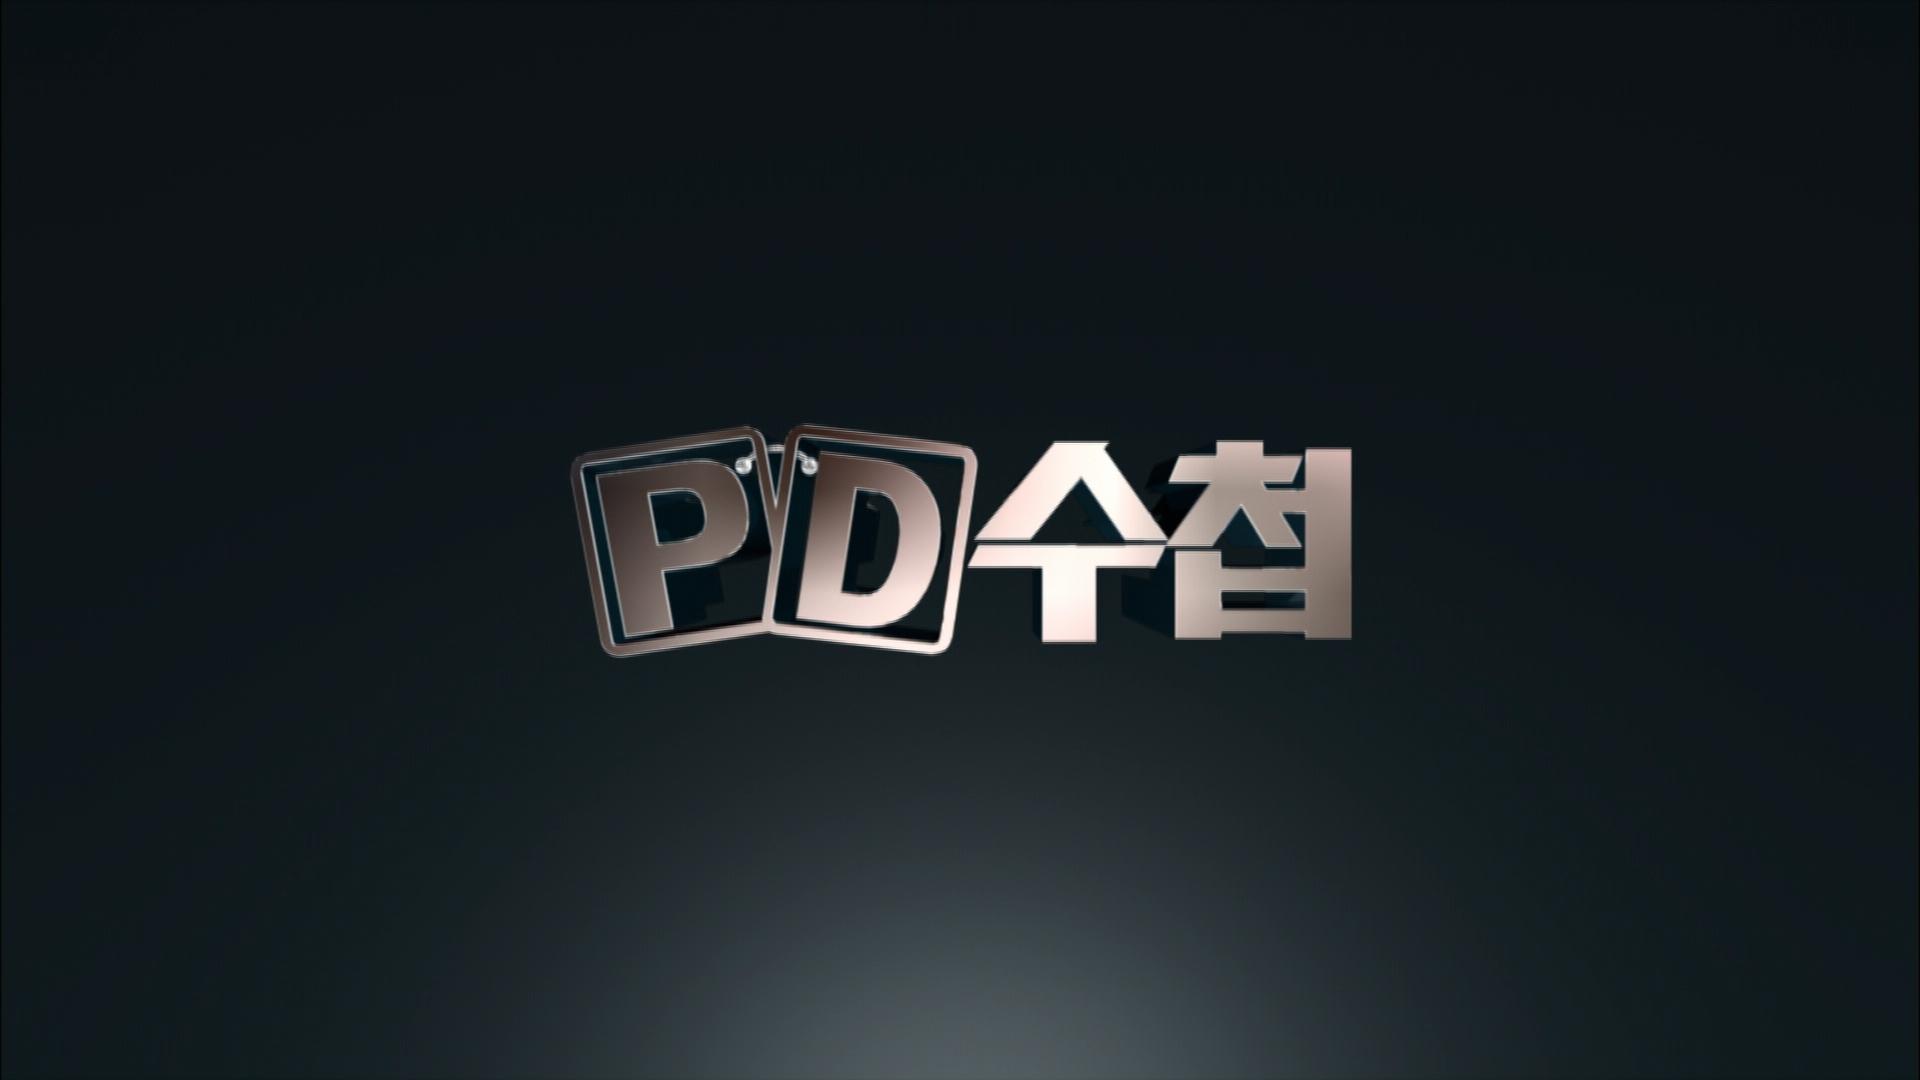 MBC 정상화의 첫 신호탄! 〈PD수첩〉, 〈MBC스페셜〉이 새롭게 돌아온다!